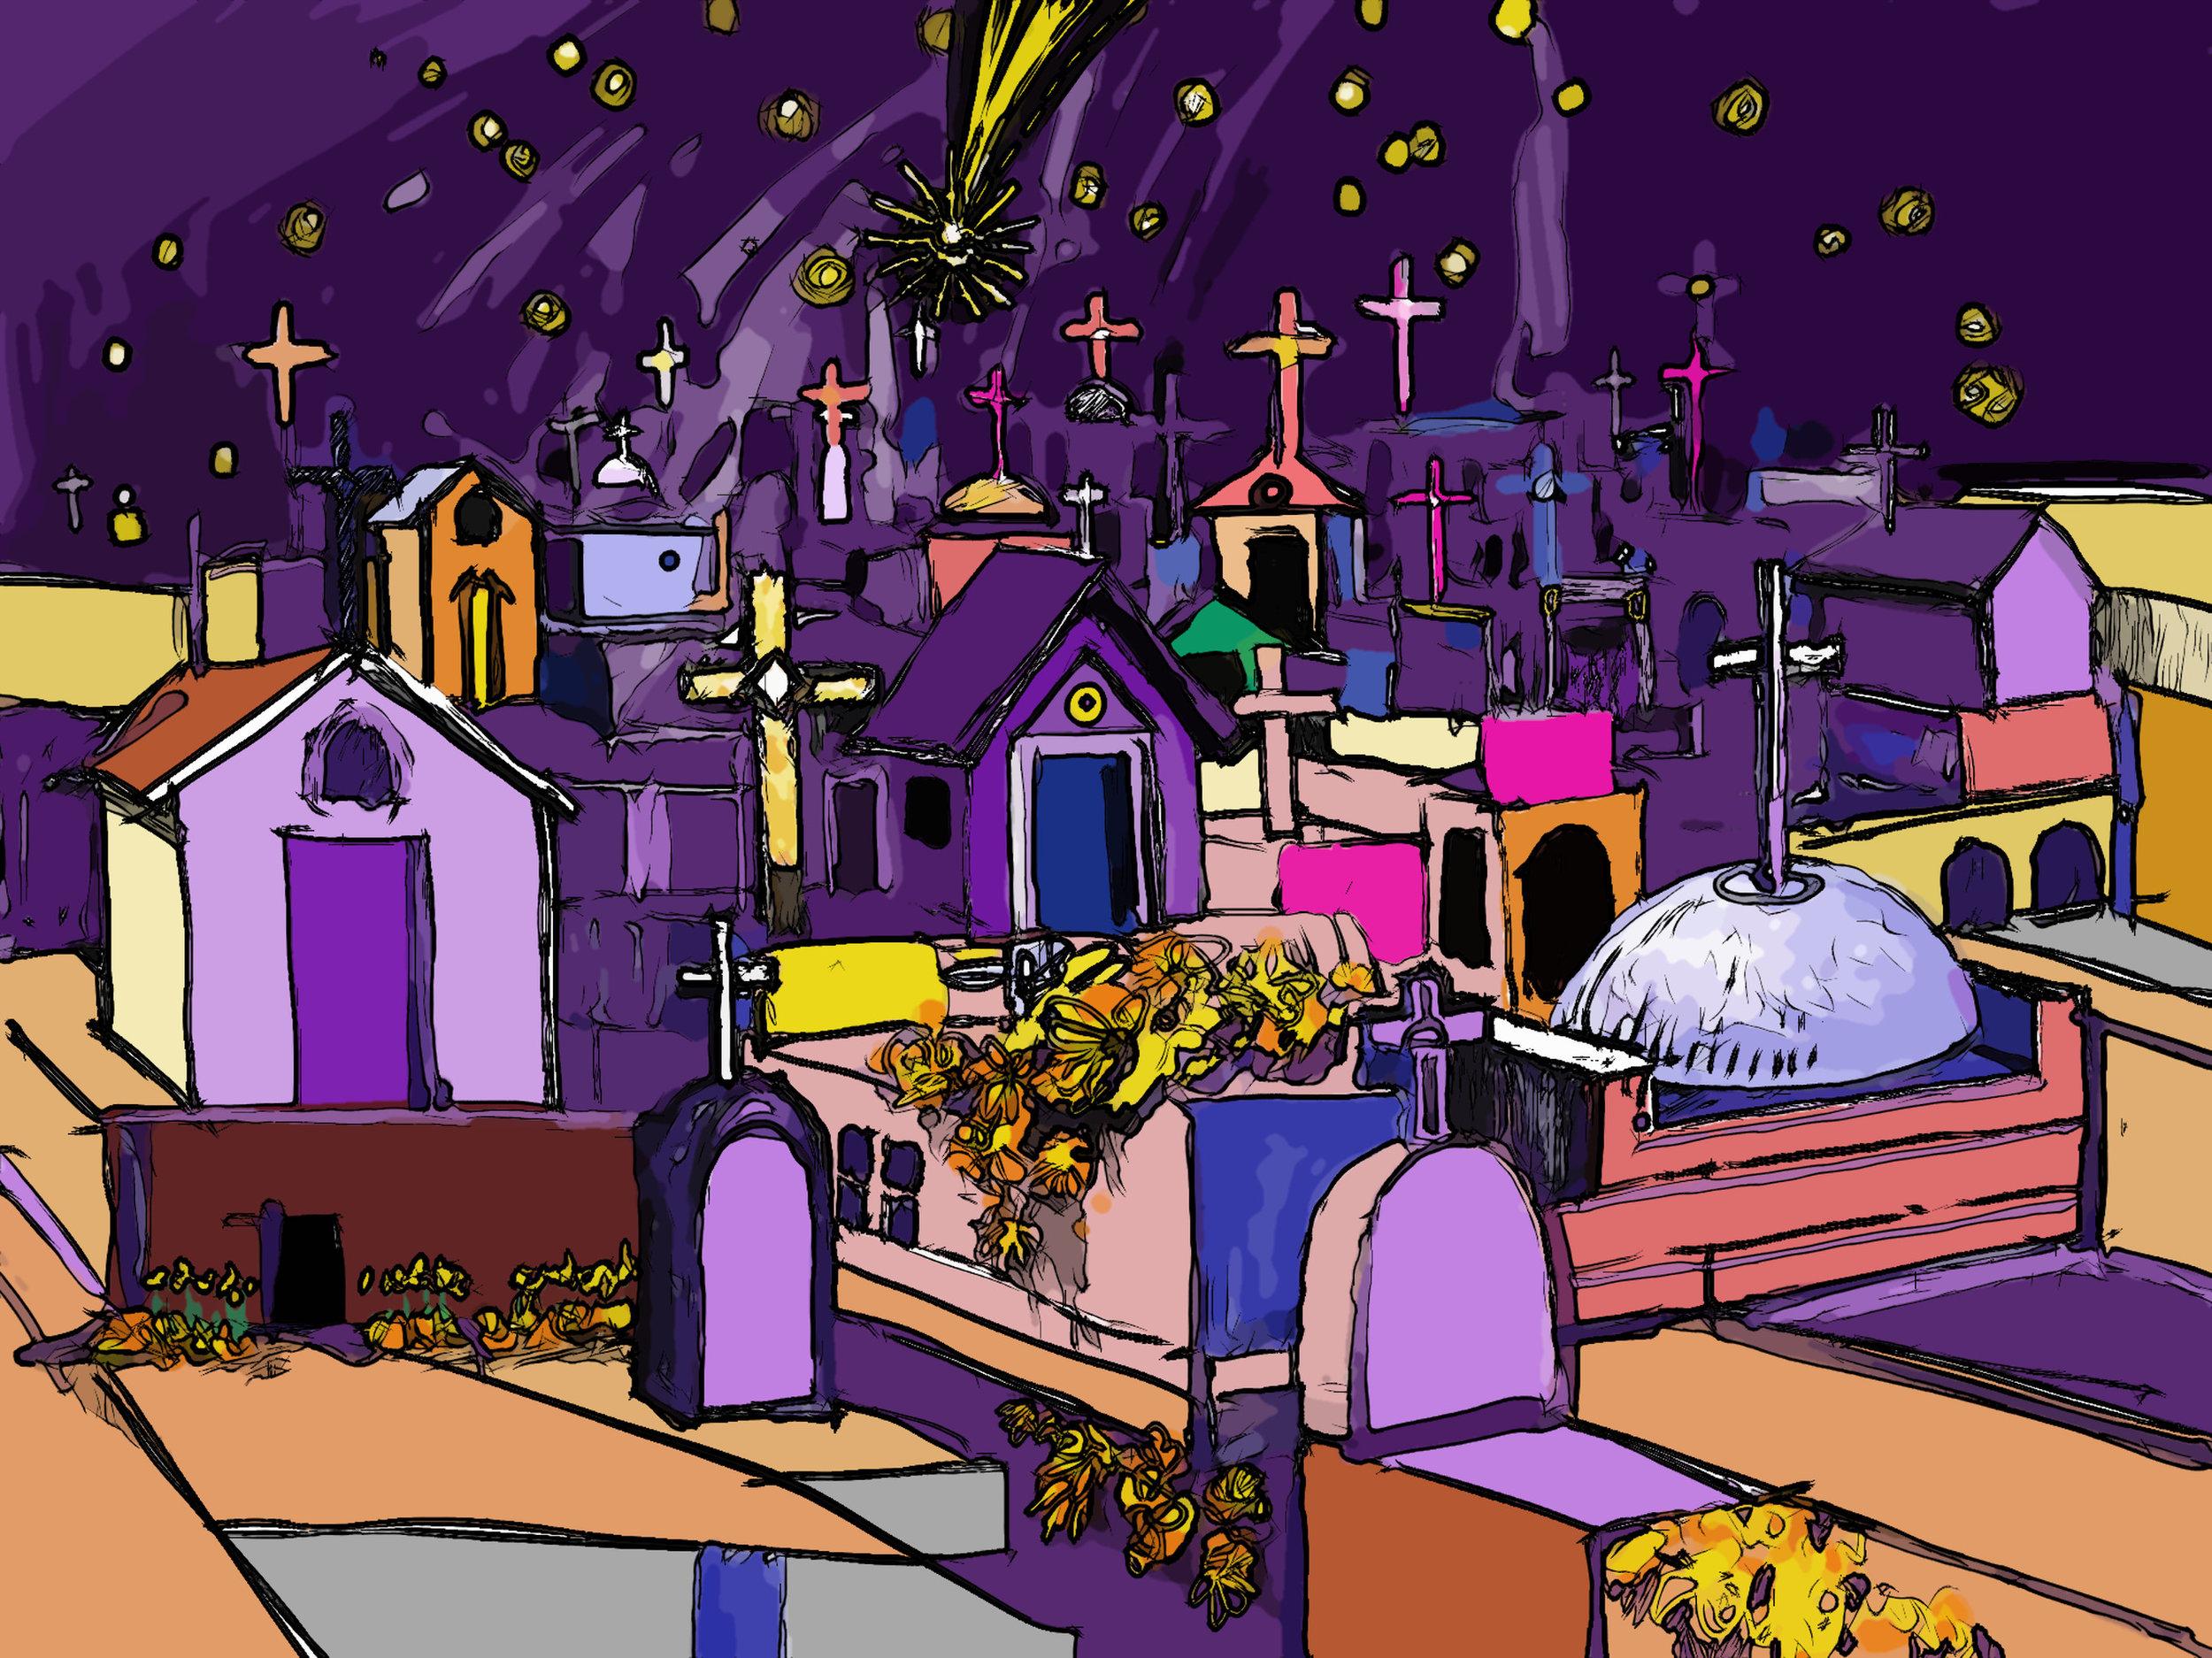 graveyardcomic.jpg